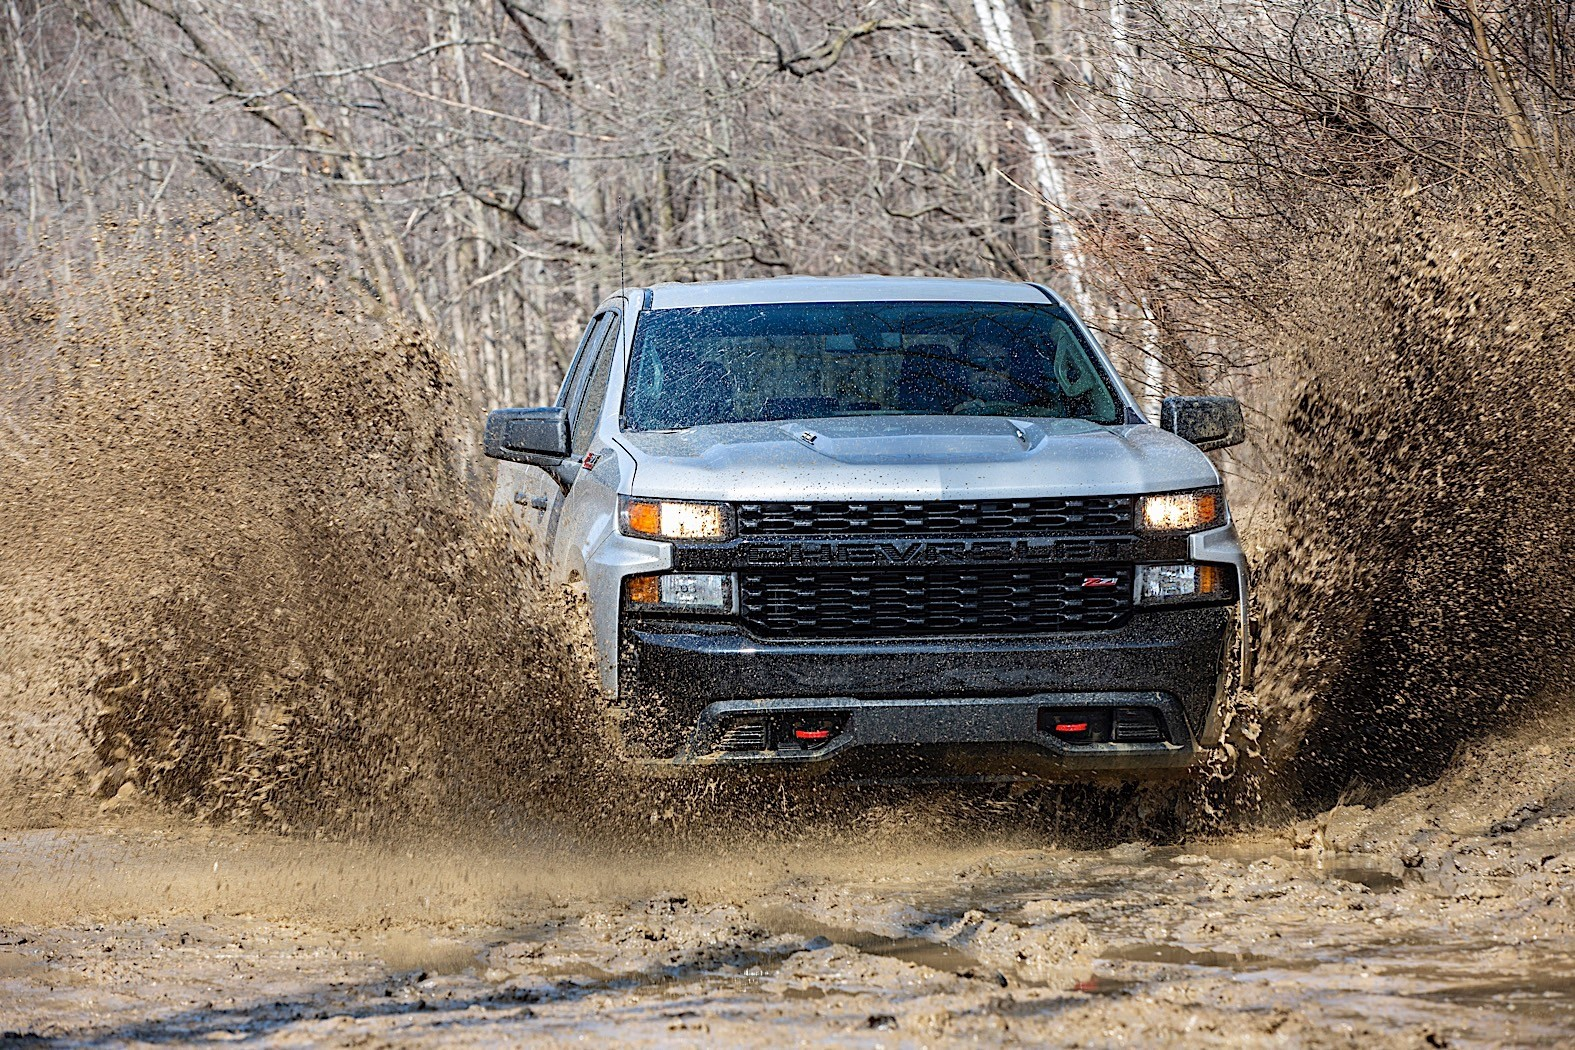 2020 Chevrolet Silverado 1500 Duramax Diesel Priced Identically To